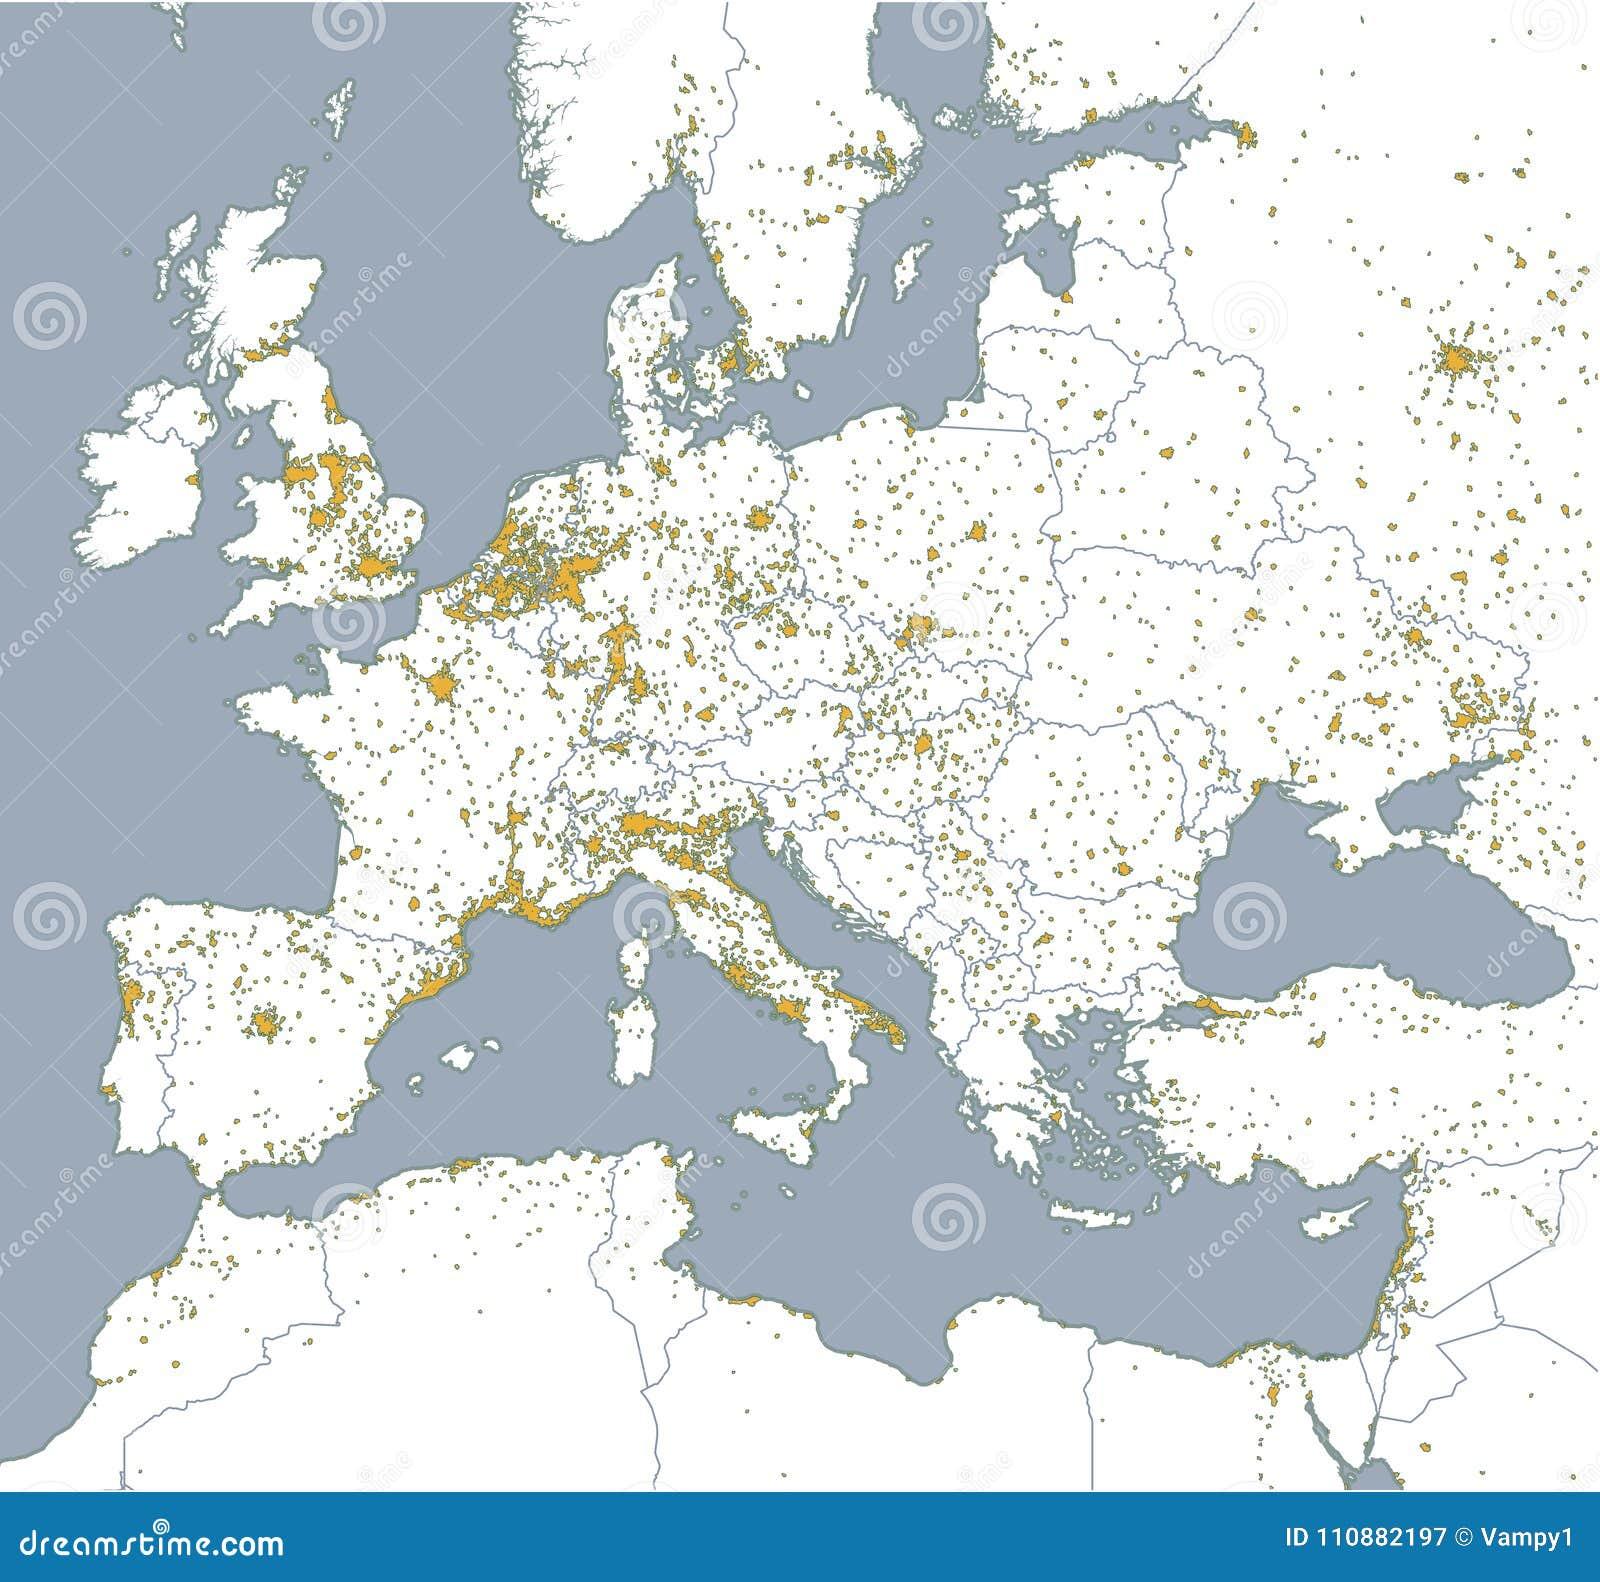 Asien grenze landkarte europa fidedivine: 25